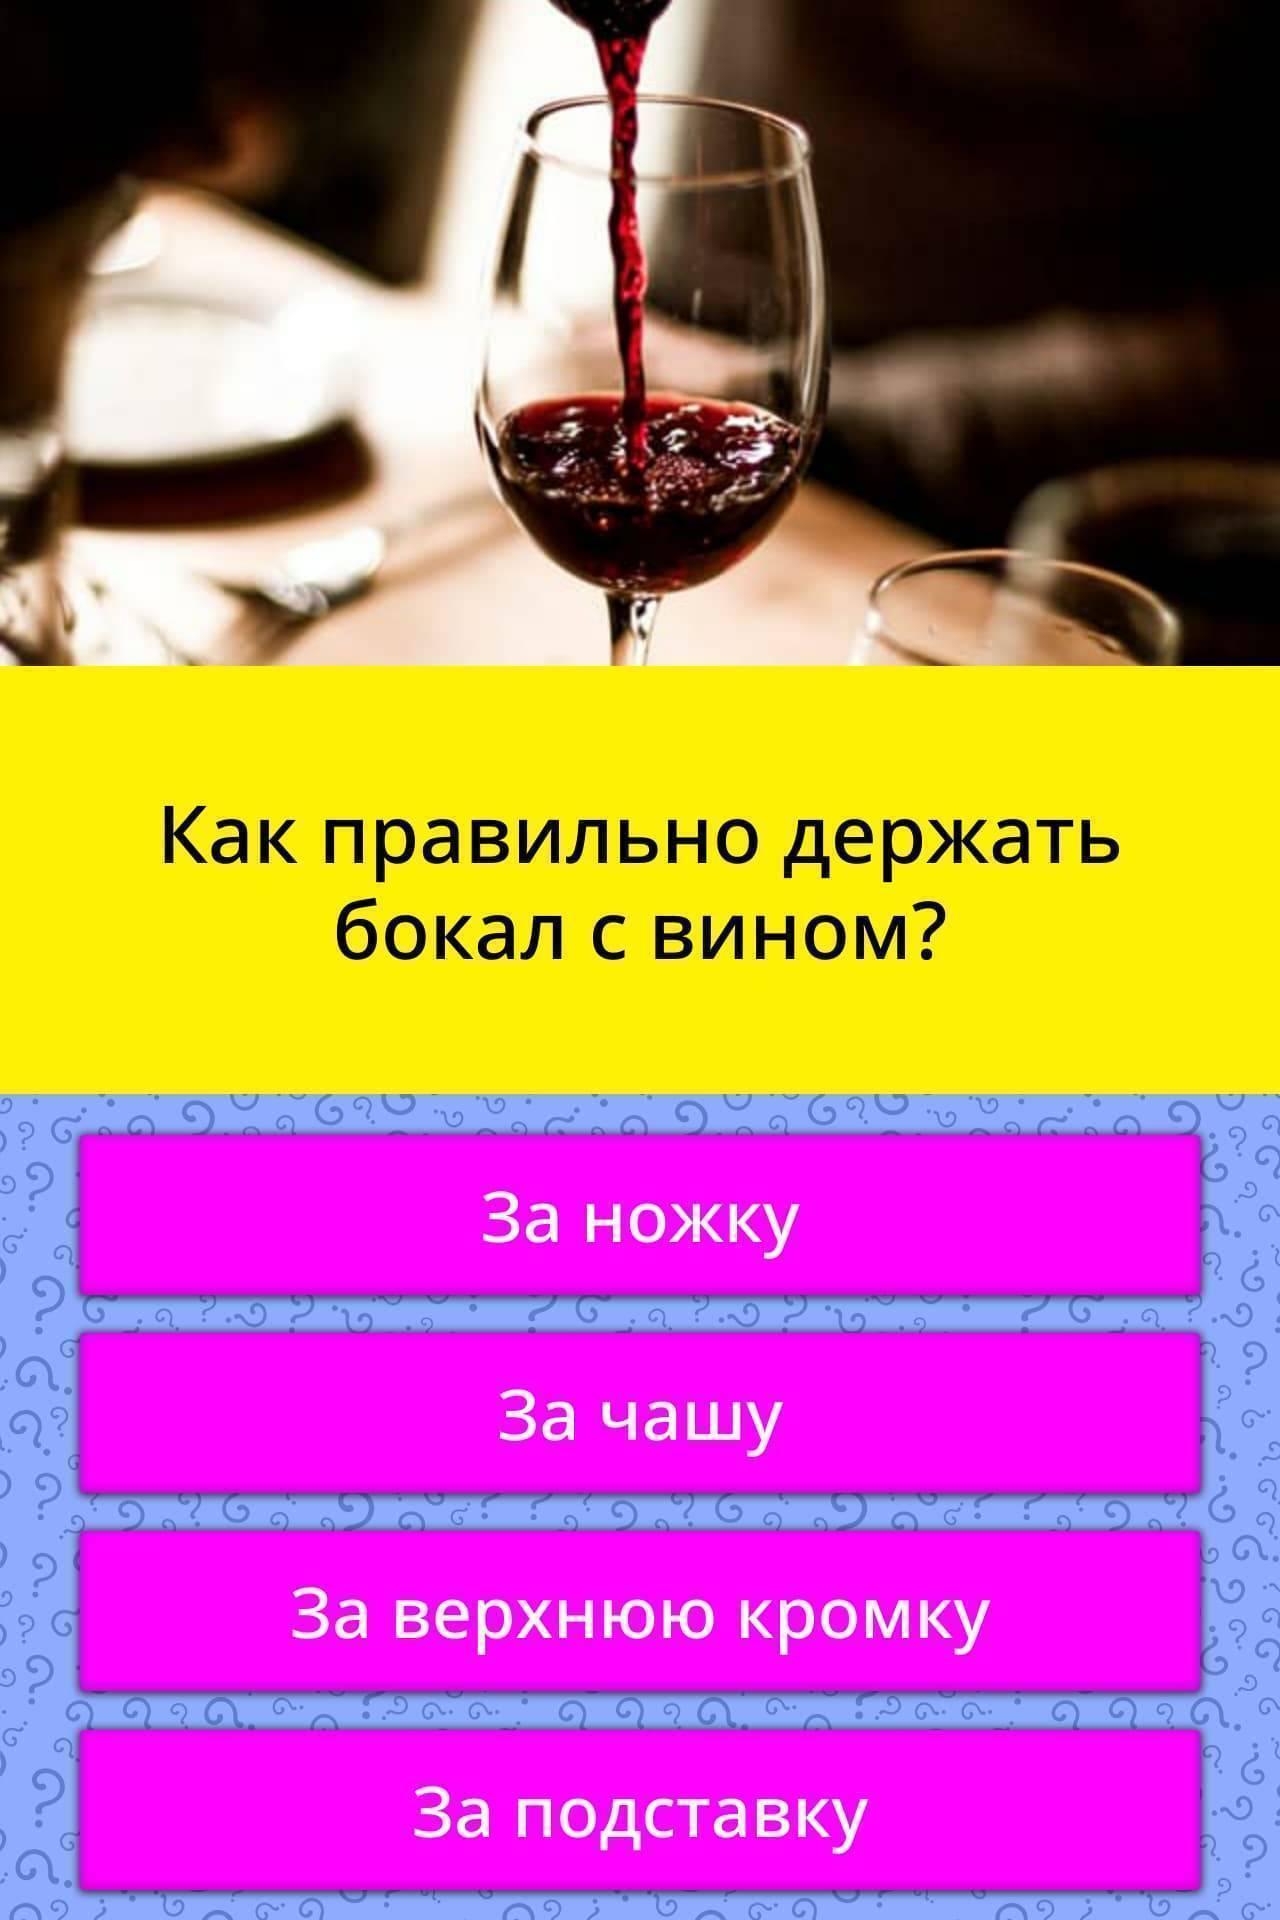 Читать онлайн винный этикет